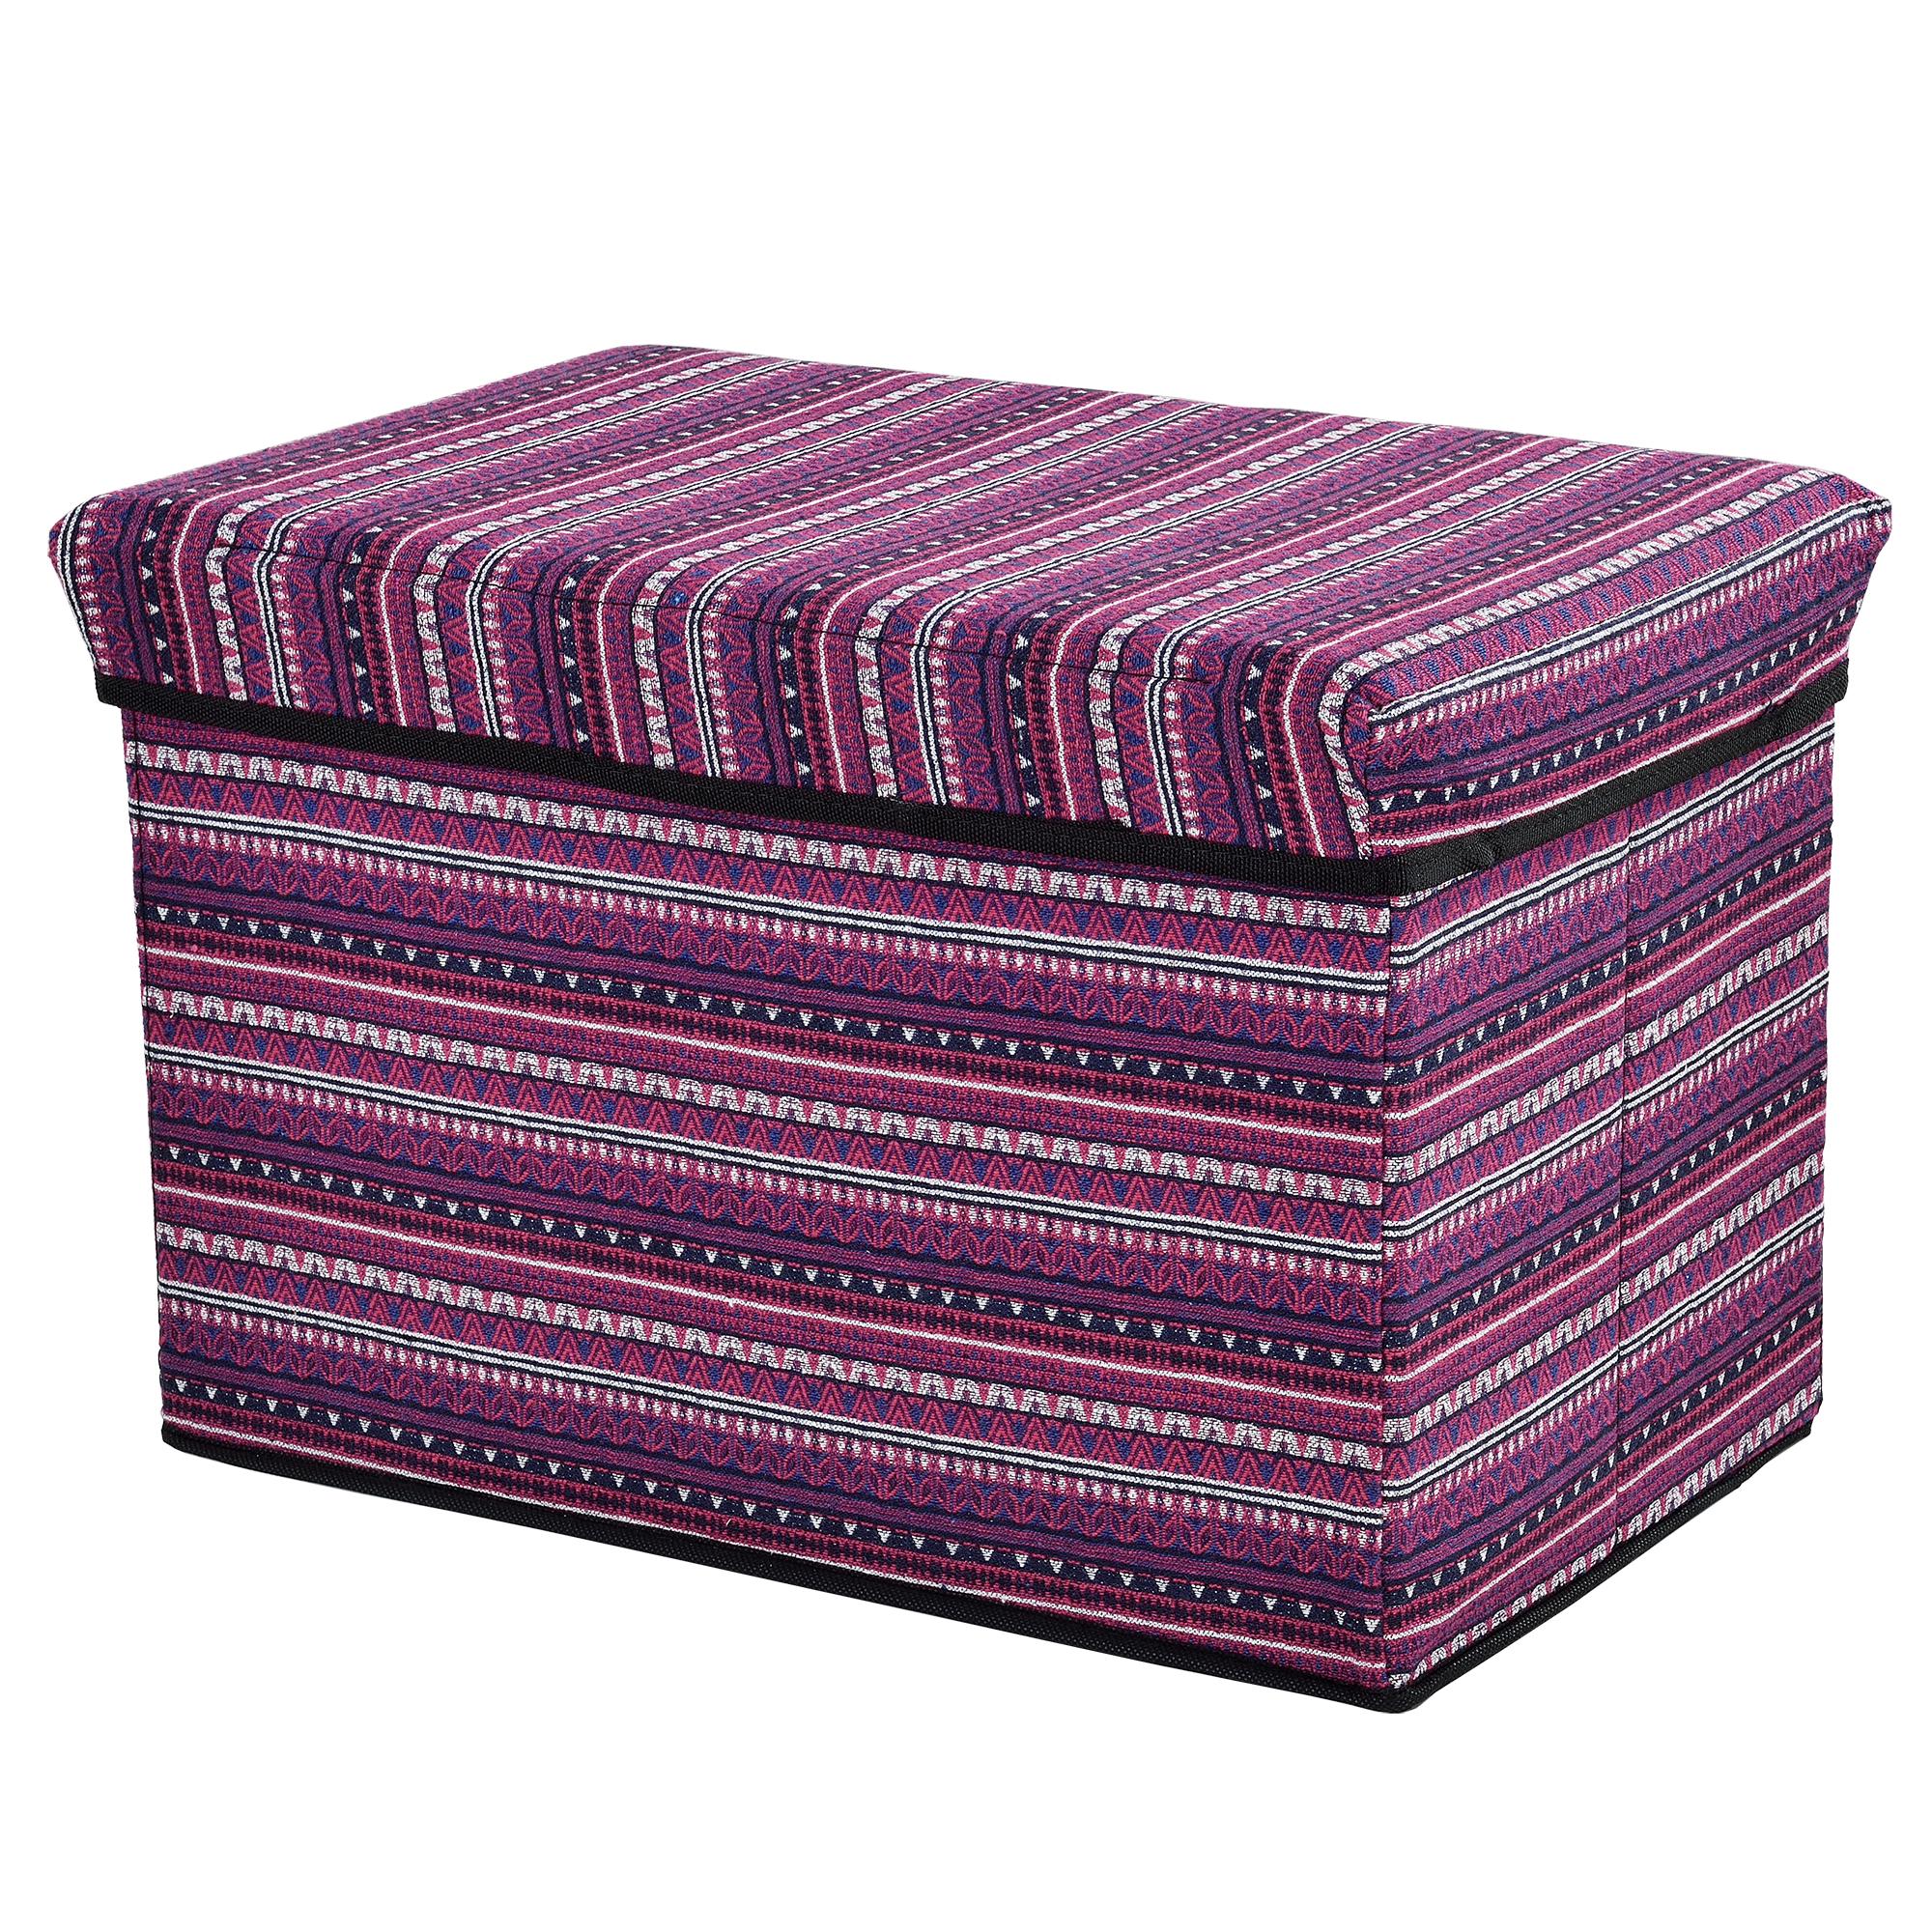 banc de rangement 48x32x32cm multicolore porte pieds ebay. Black Bedroom Furniture Sets. Home Design Ideas